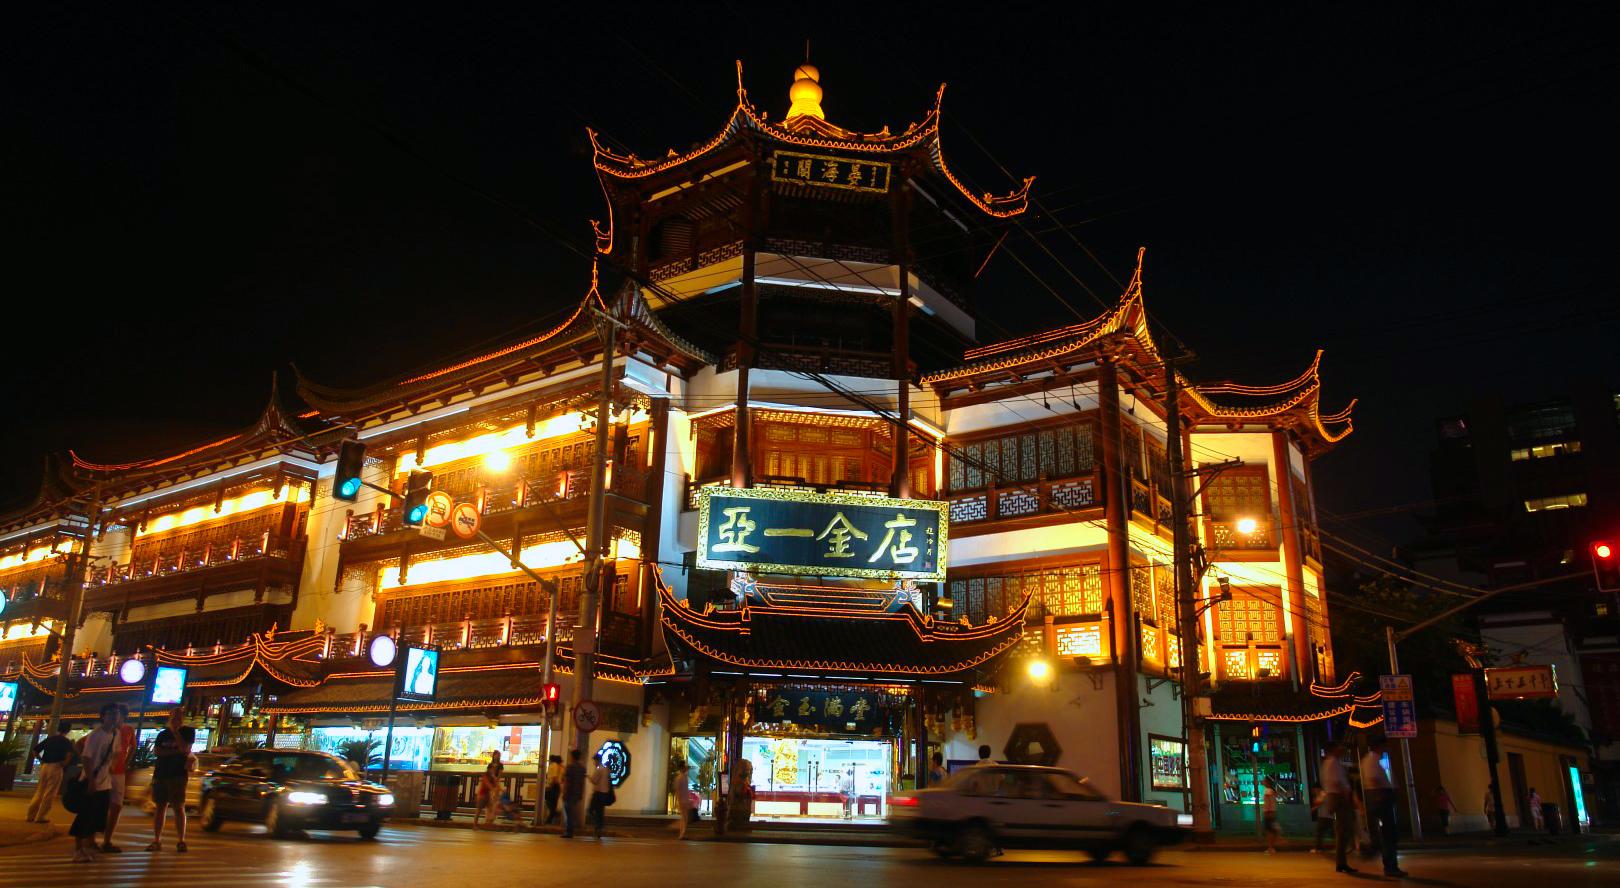 qué ver en Shanghai, China qué ver en shanghai - 31714499454 067346e6ef o - Qué ver en Shanghai, China